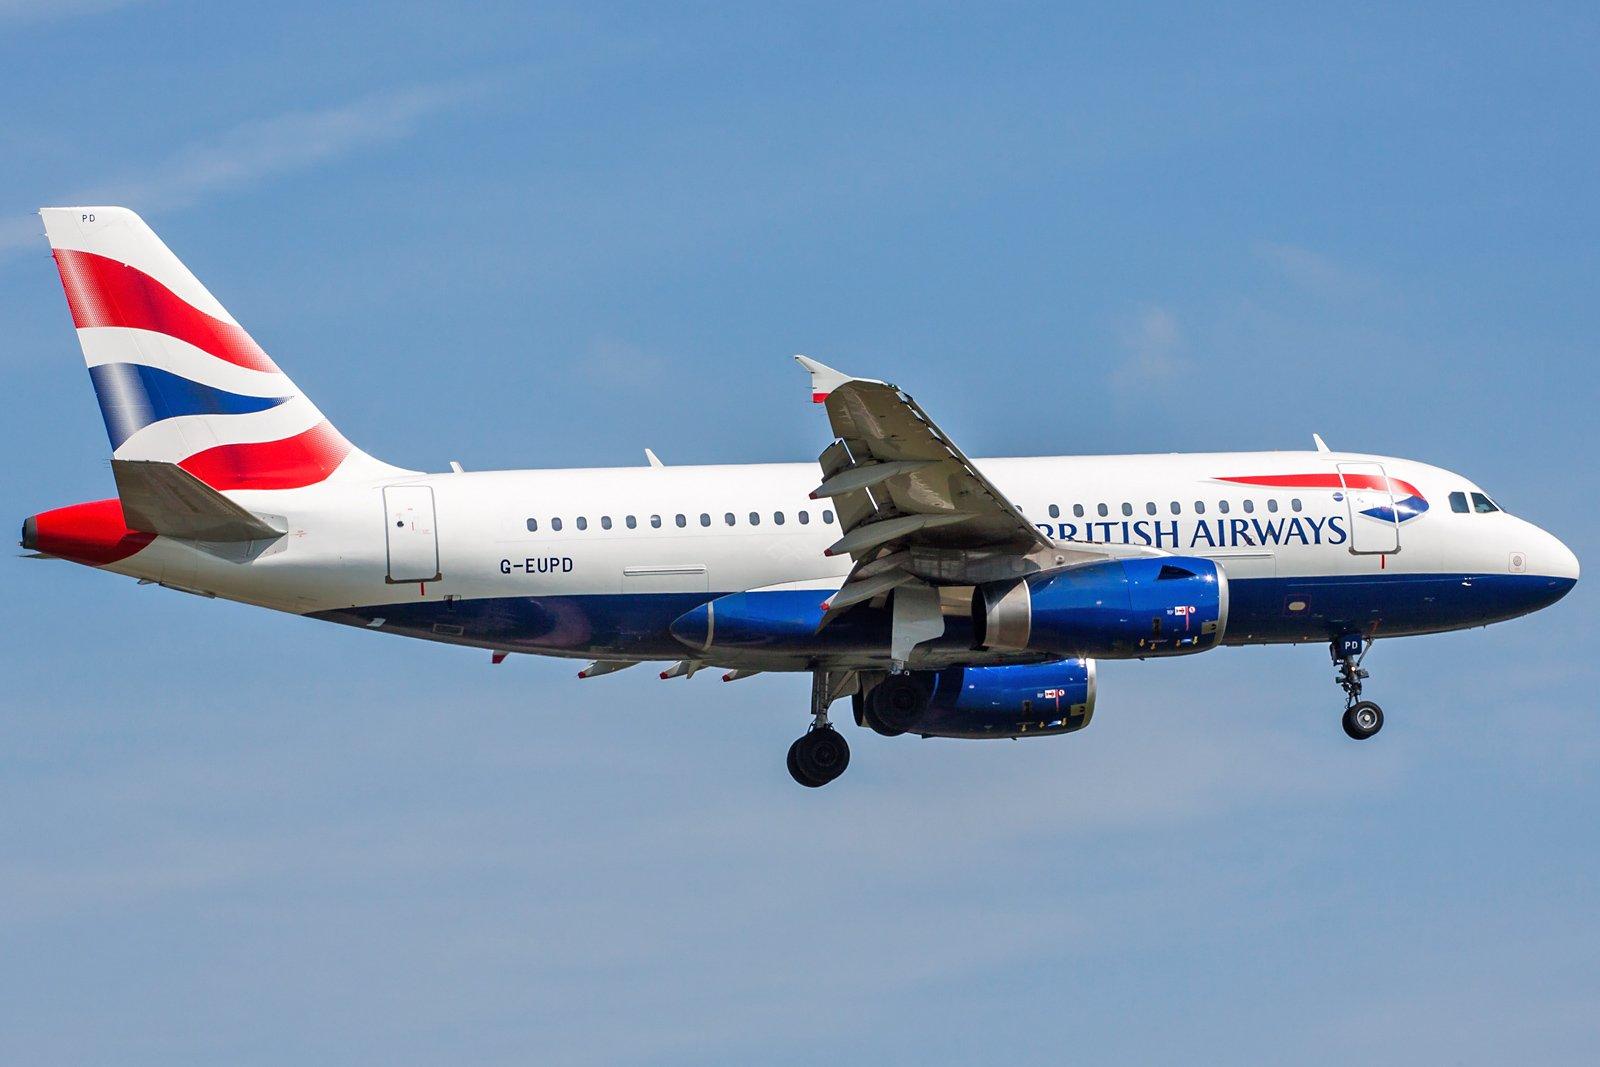 British Airways Airbus A319-131 G-EUPD